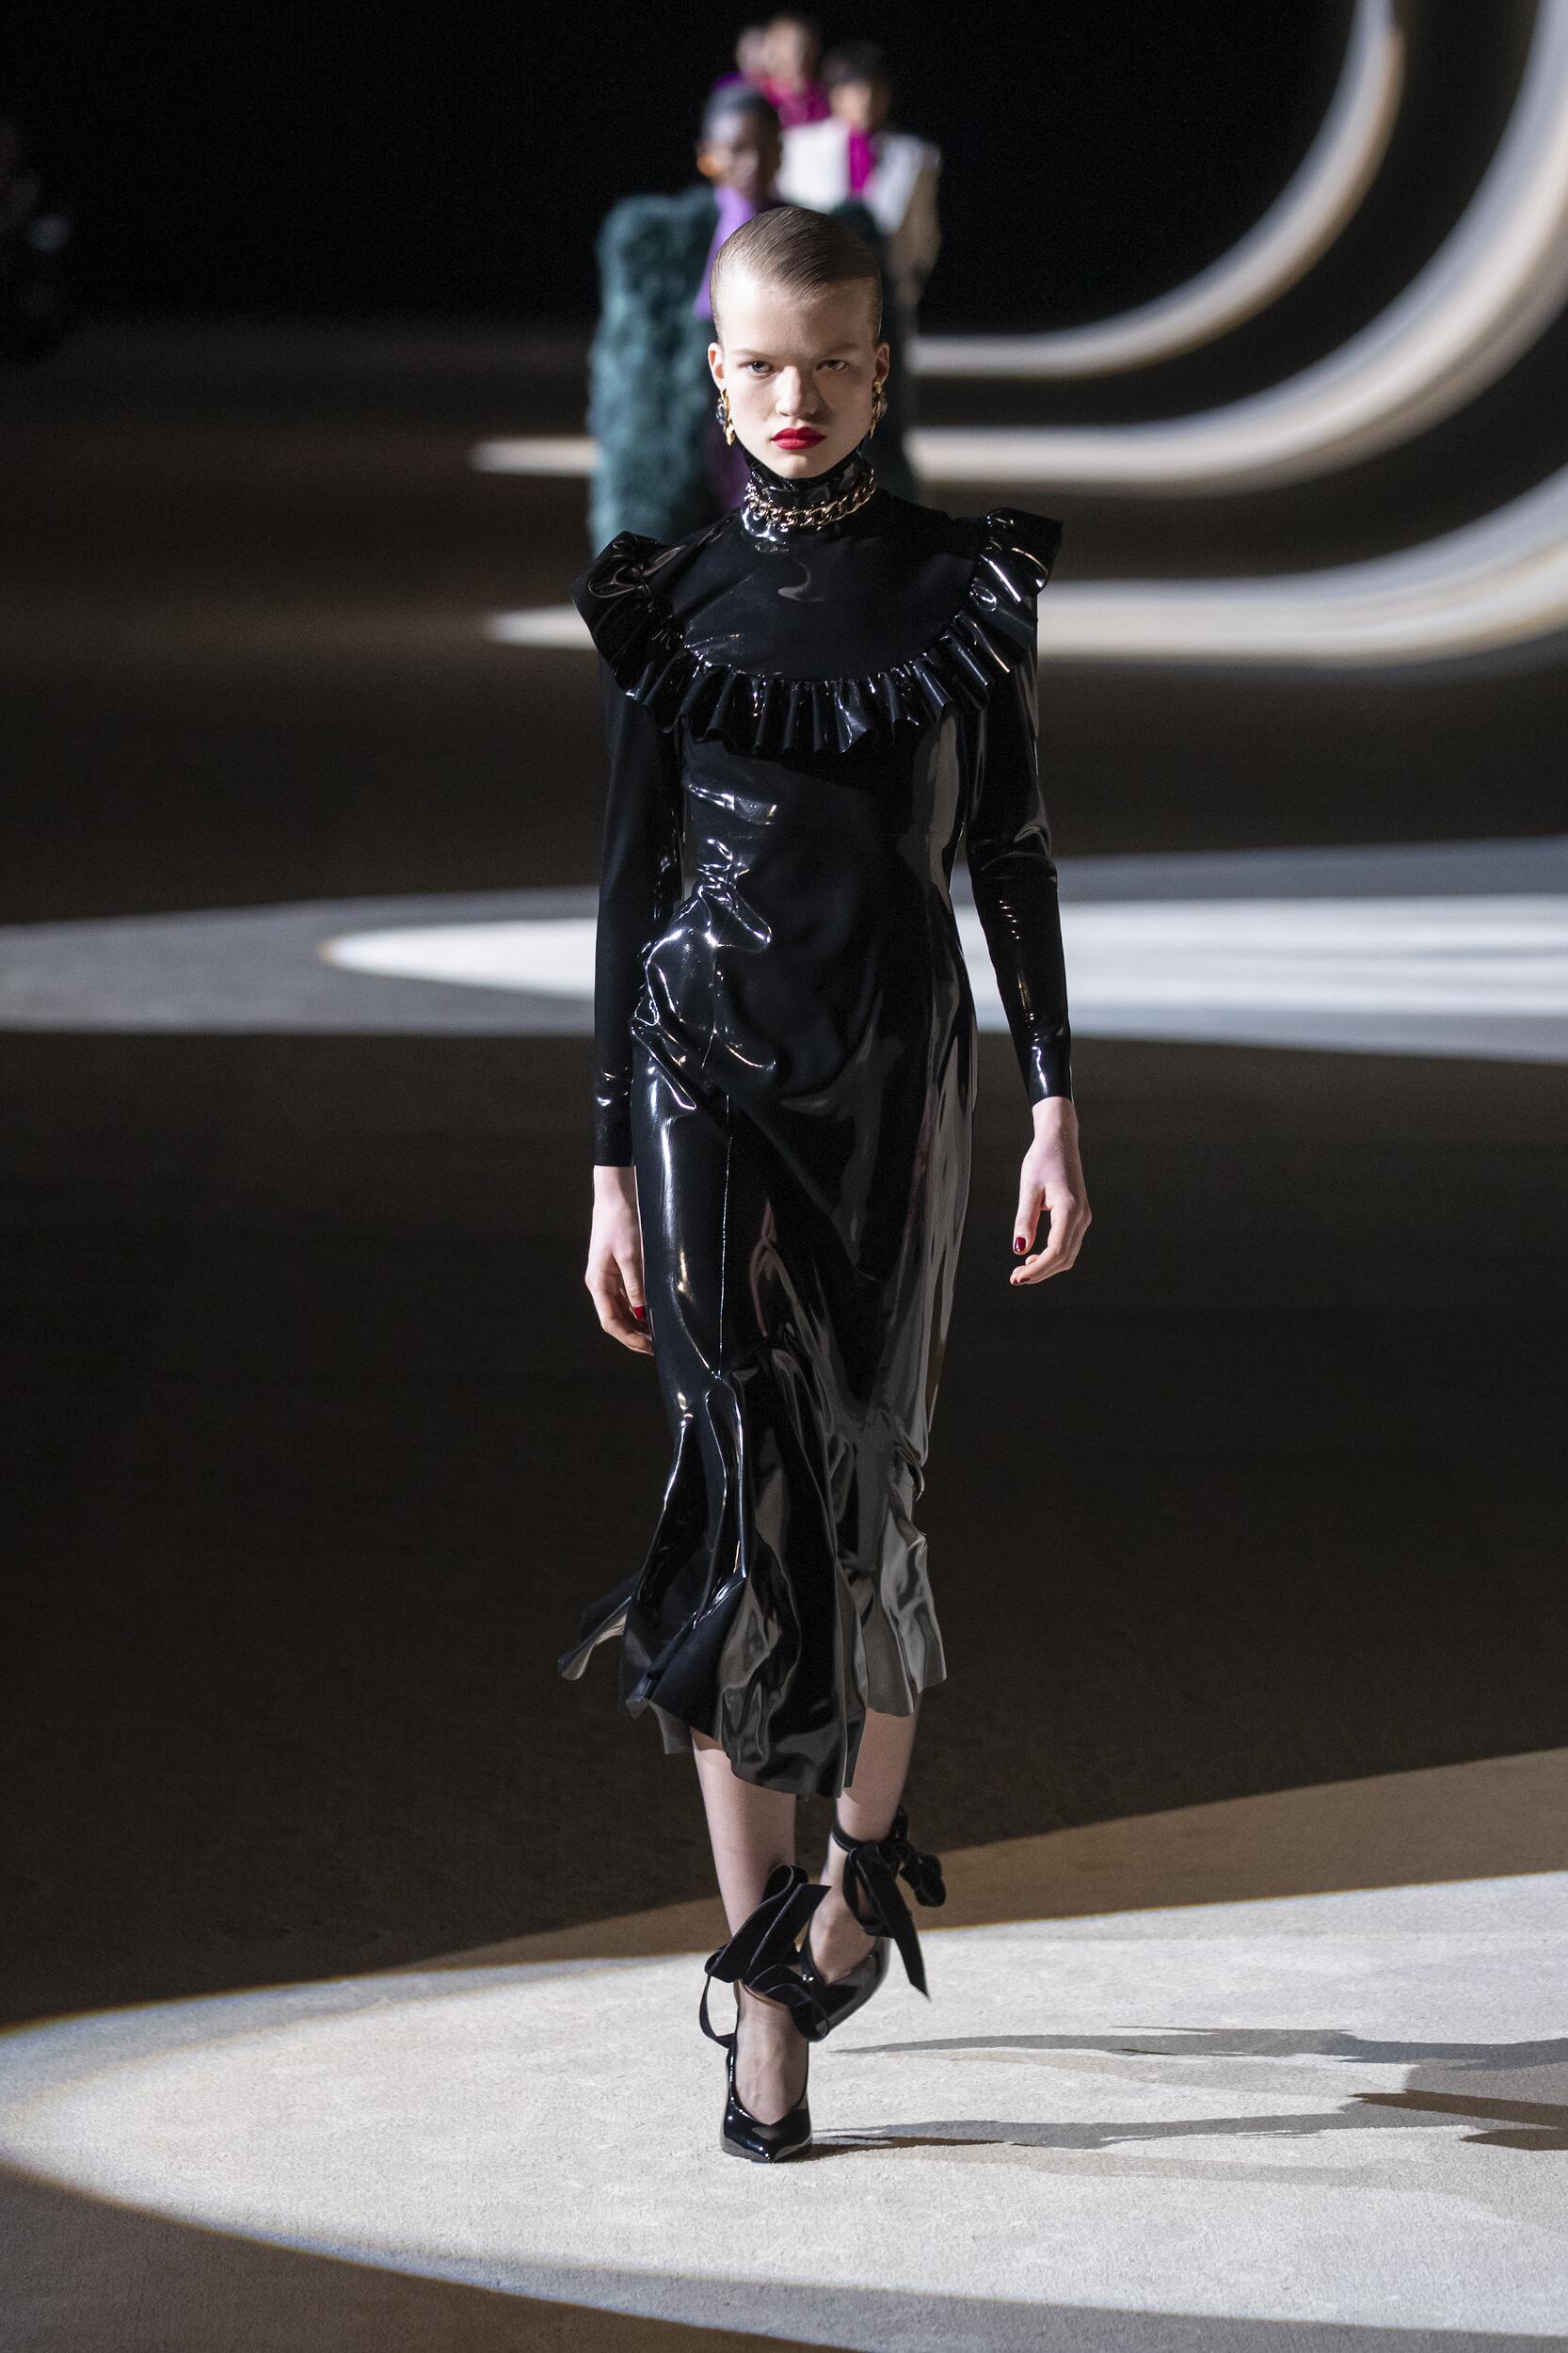 Womenswear Winter Saint Laurent 2020